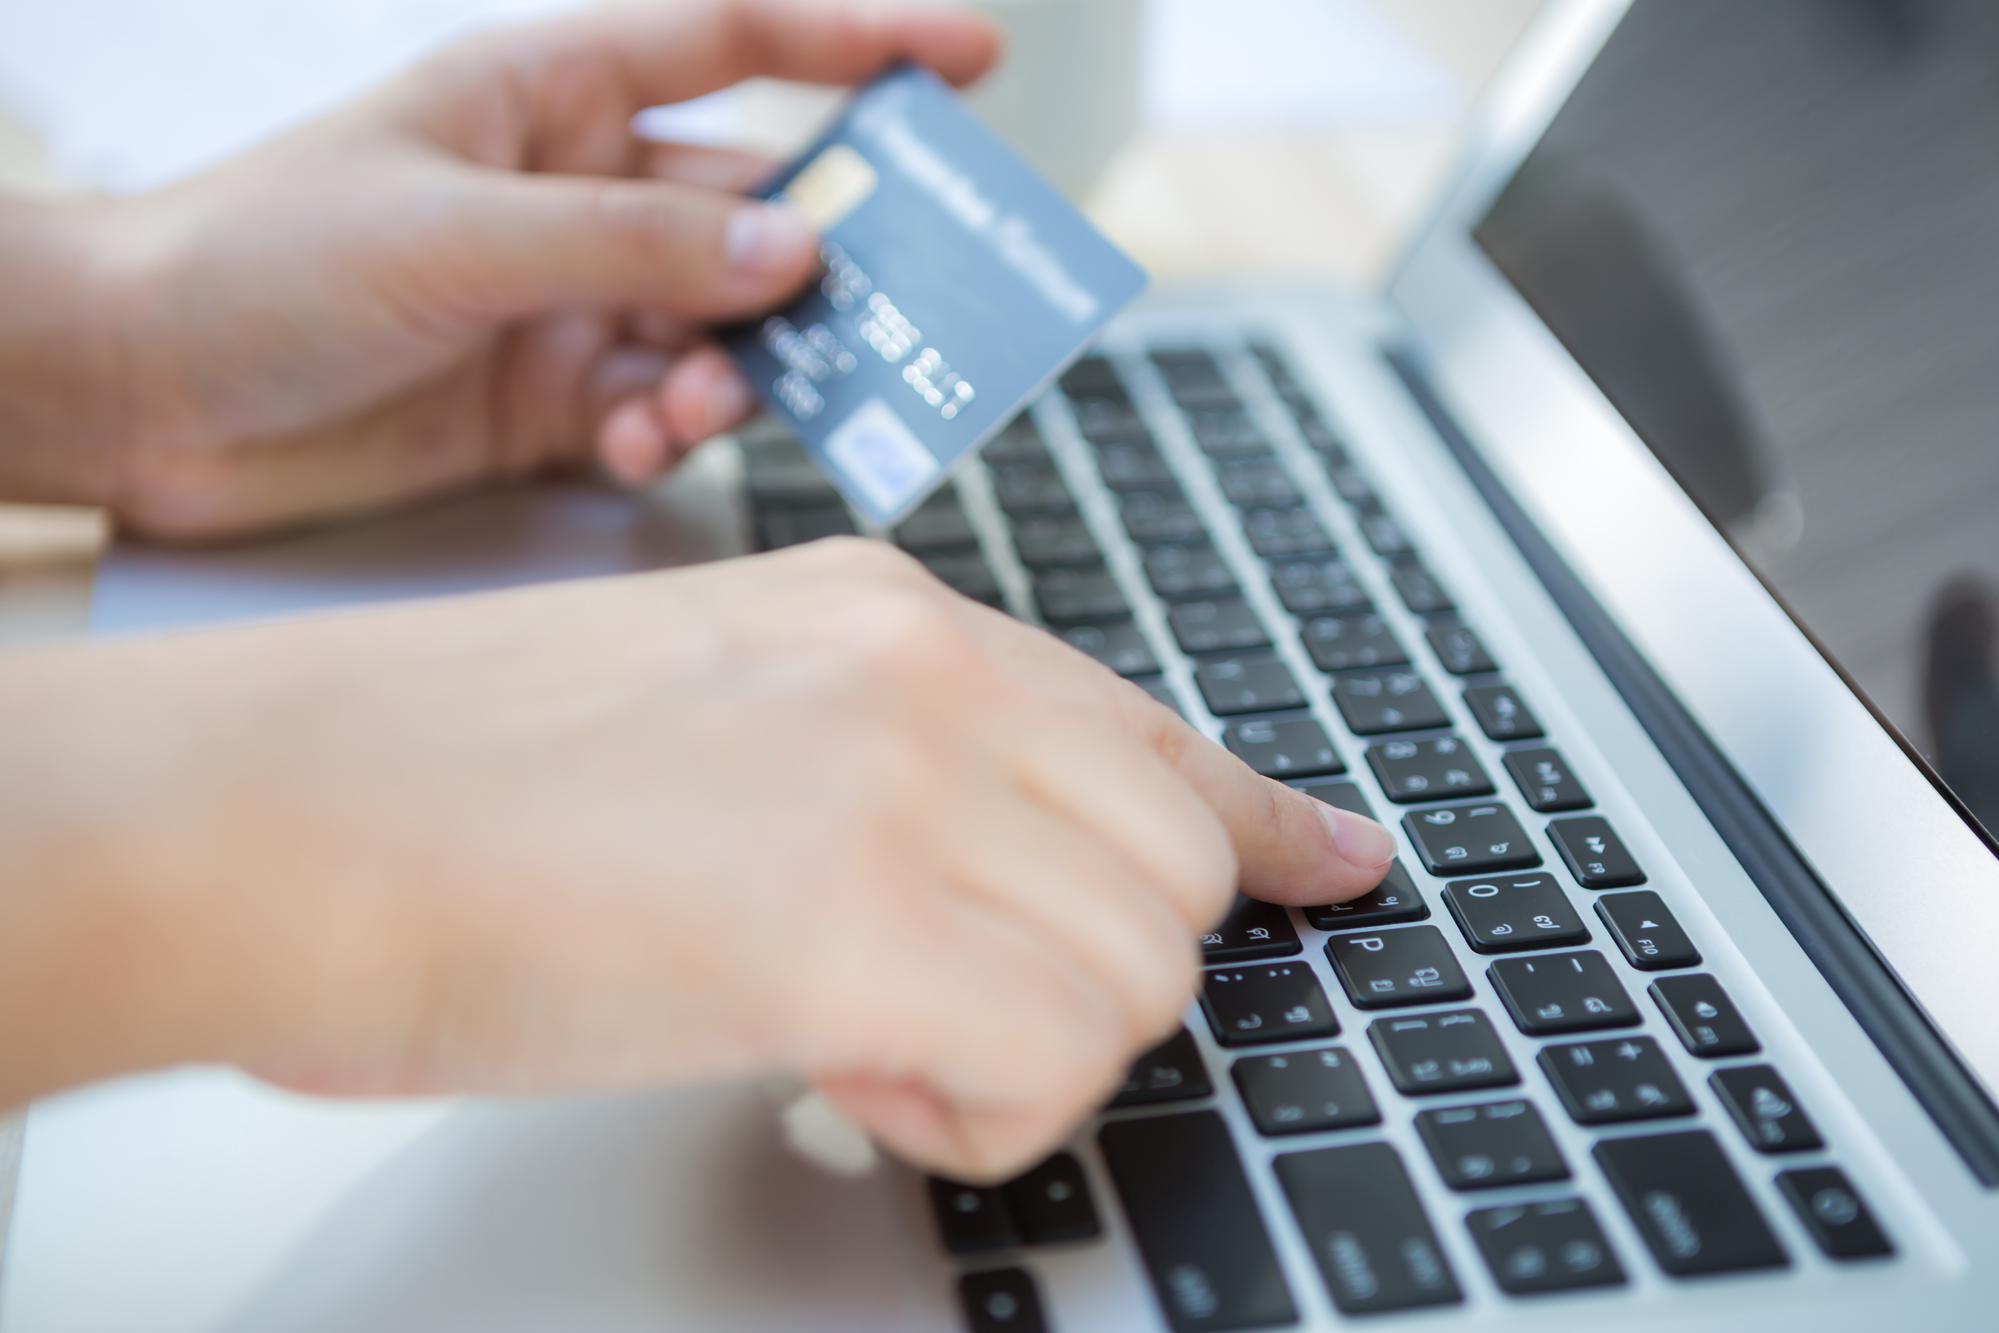 Les compagnies proposent d'ores et déjà à la vente des réservations vers des pays et destinations qu'elles ne sont absolument pas sûres de pouvoir desservir... - DR : DepositPhotos